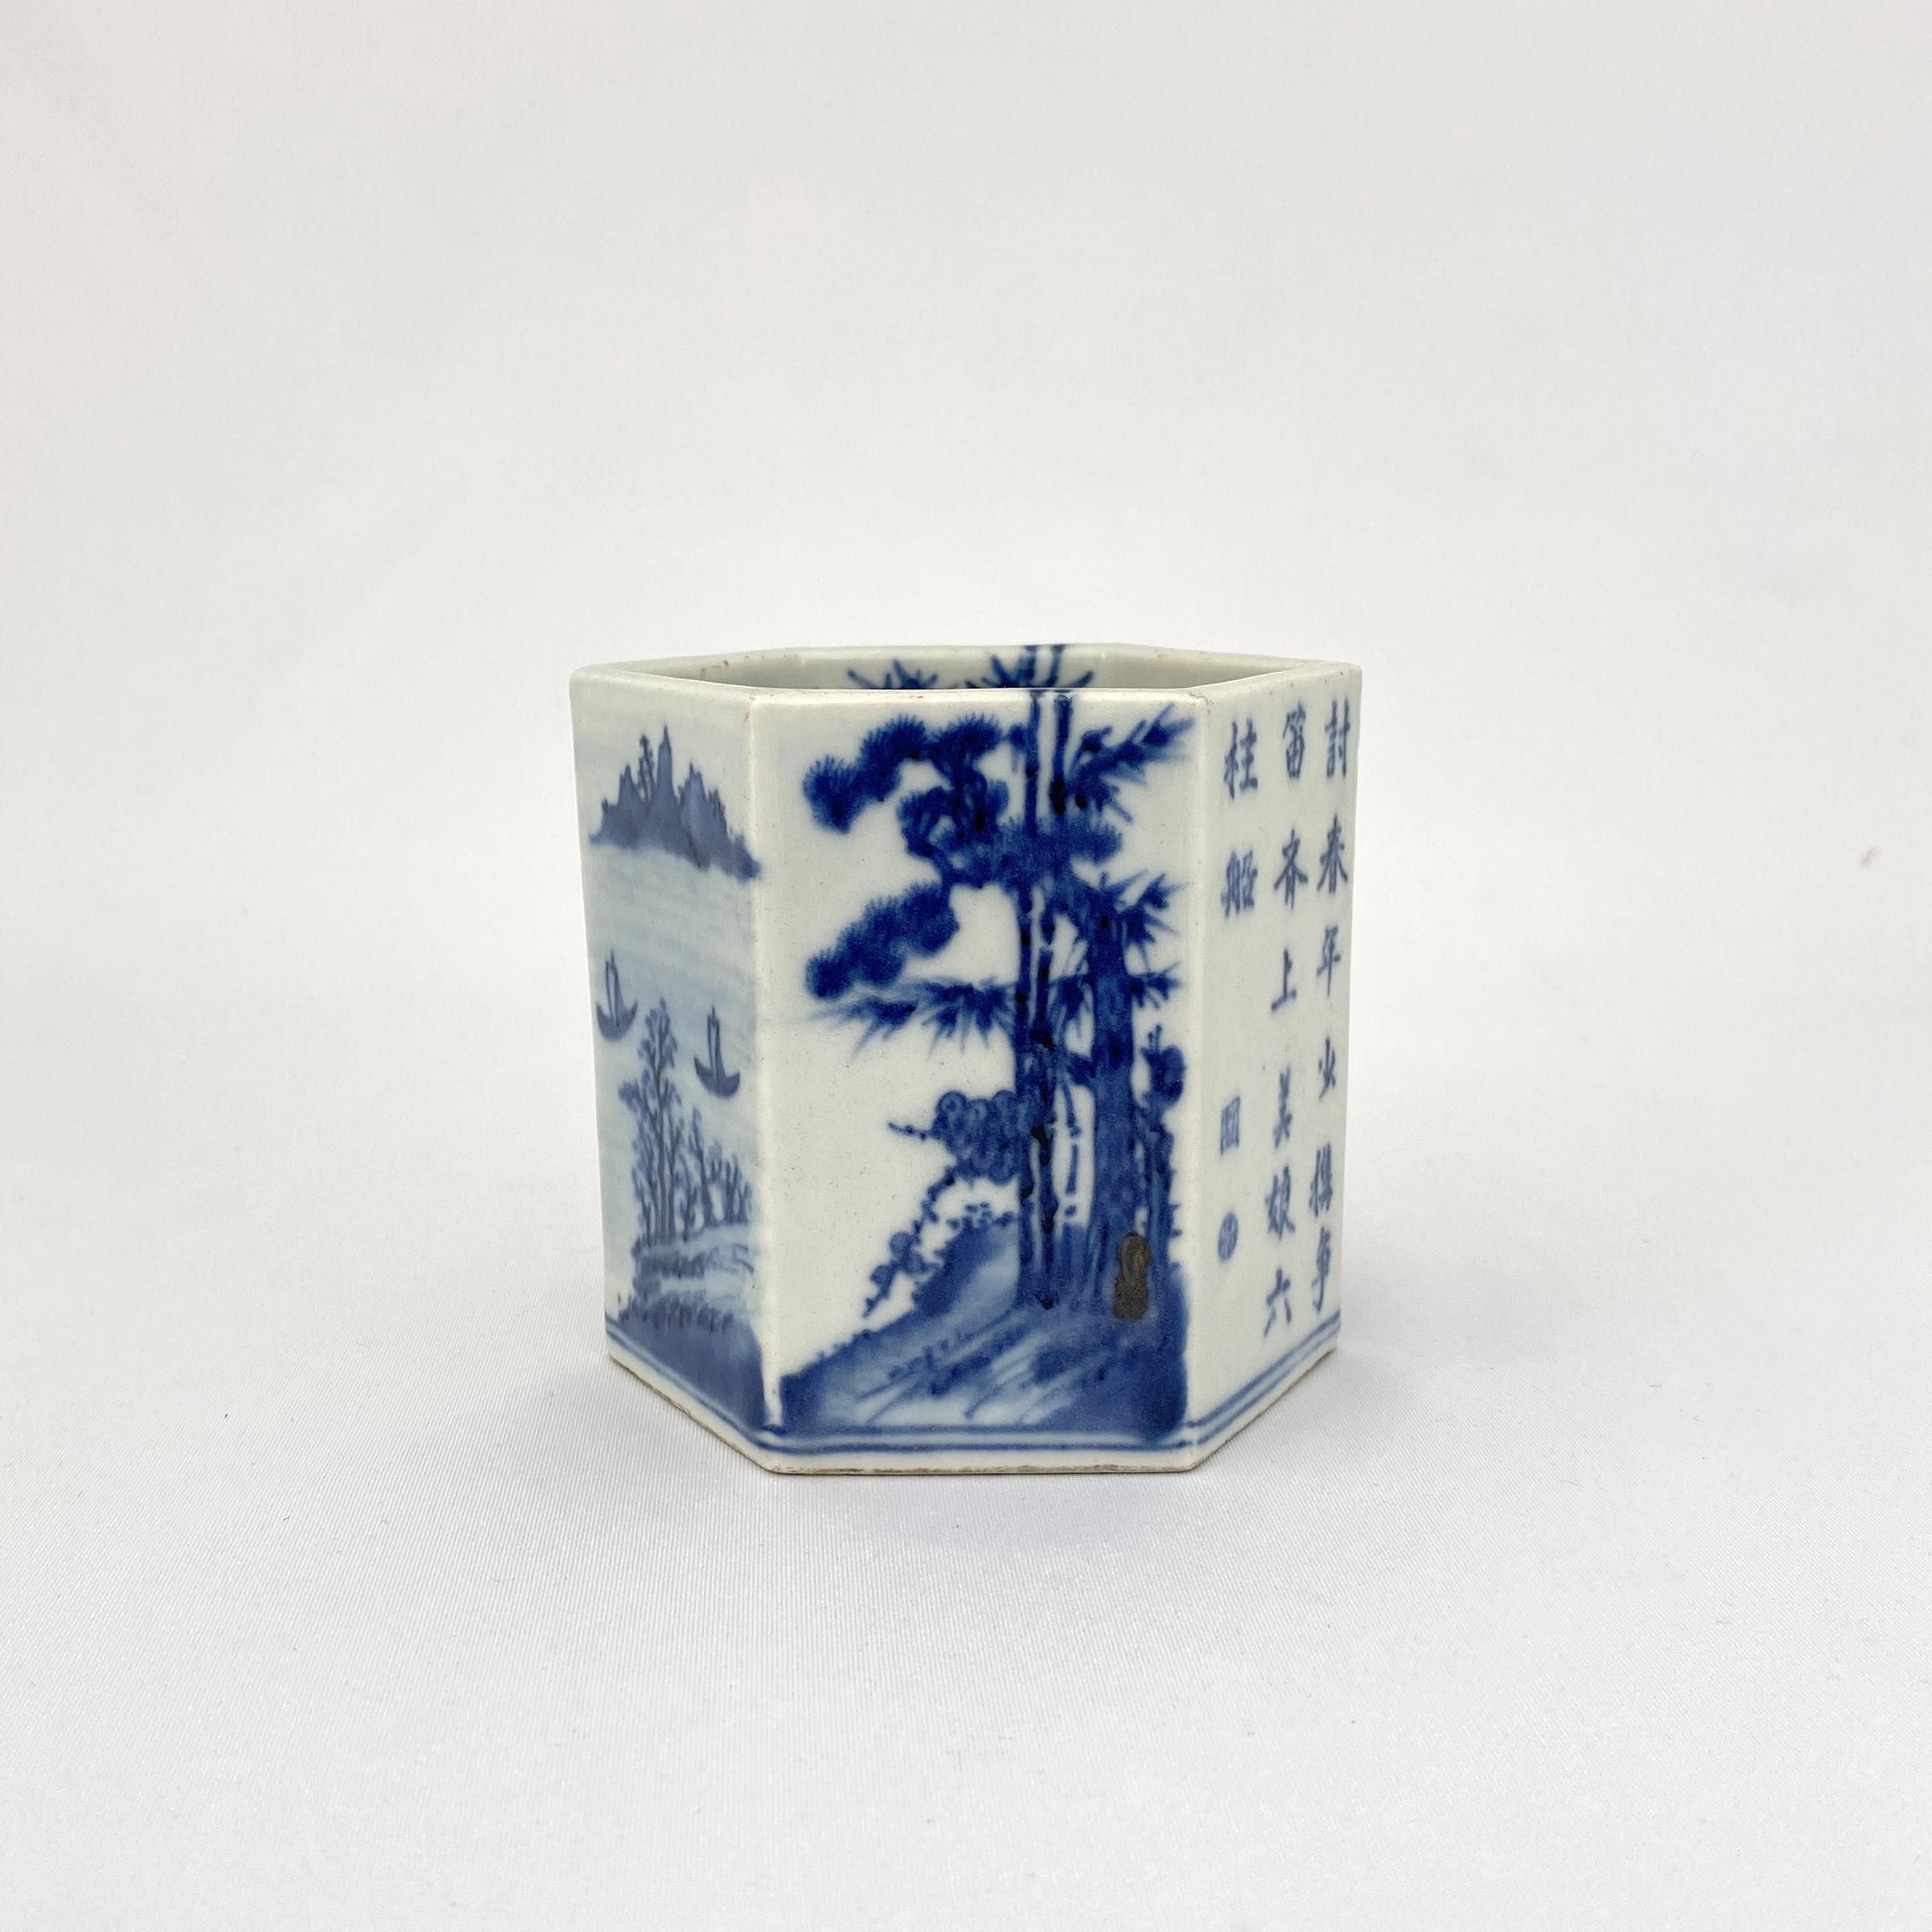 10133清「道光年製」款 青花 山水詩文紋 六角筆筒